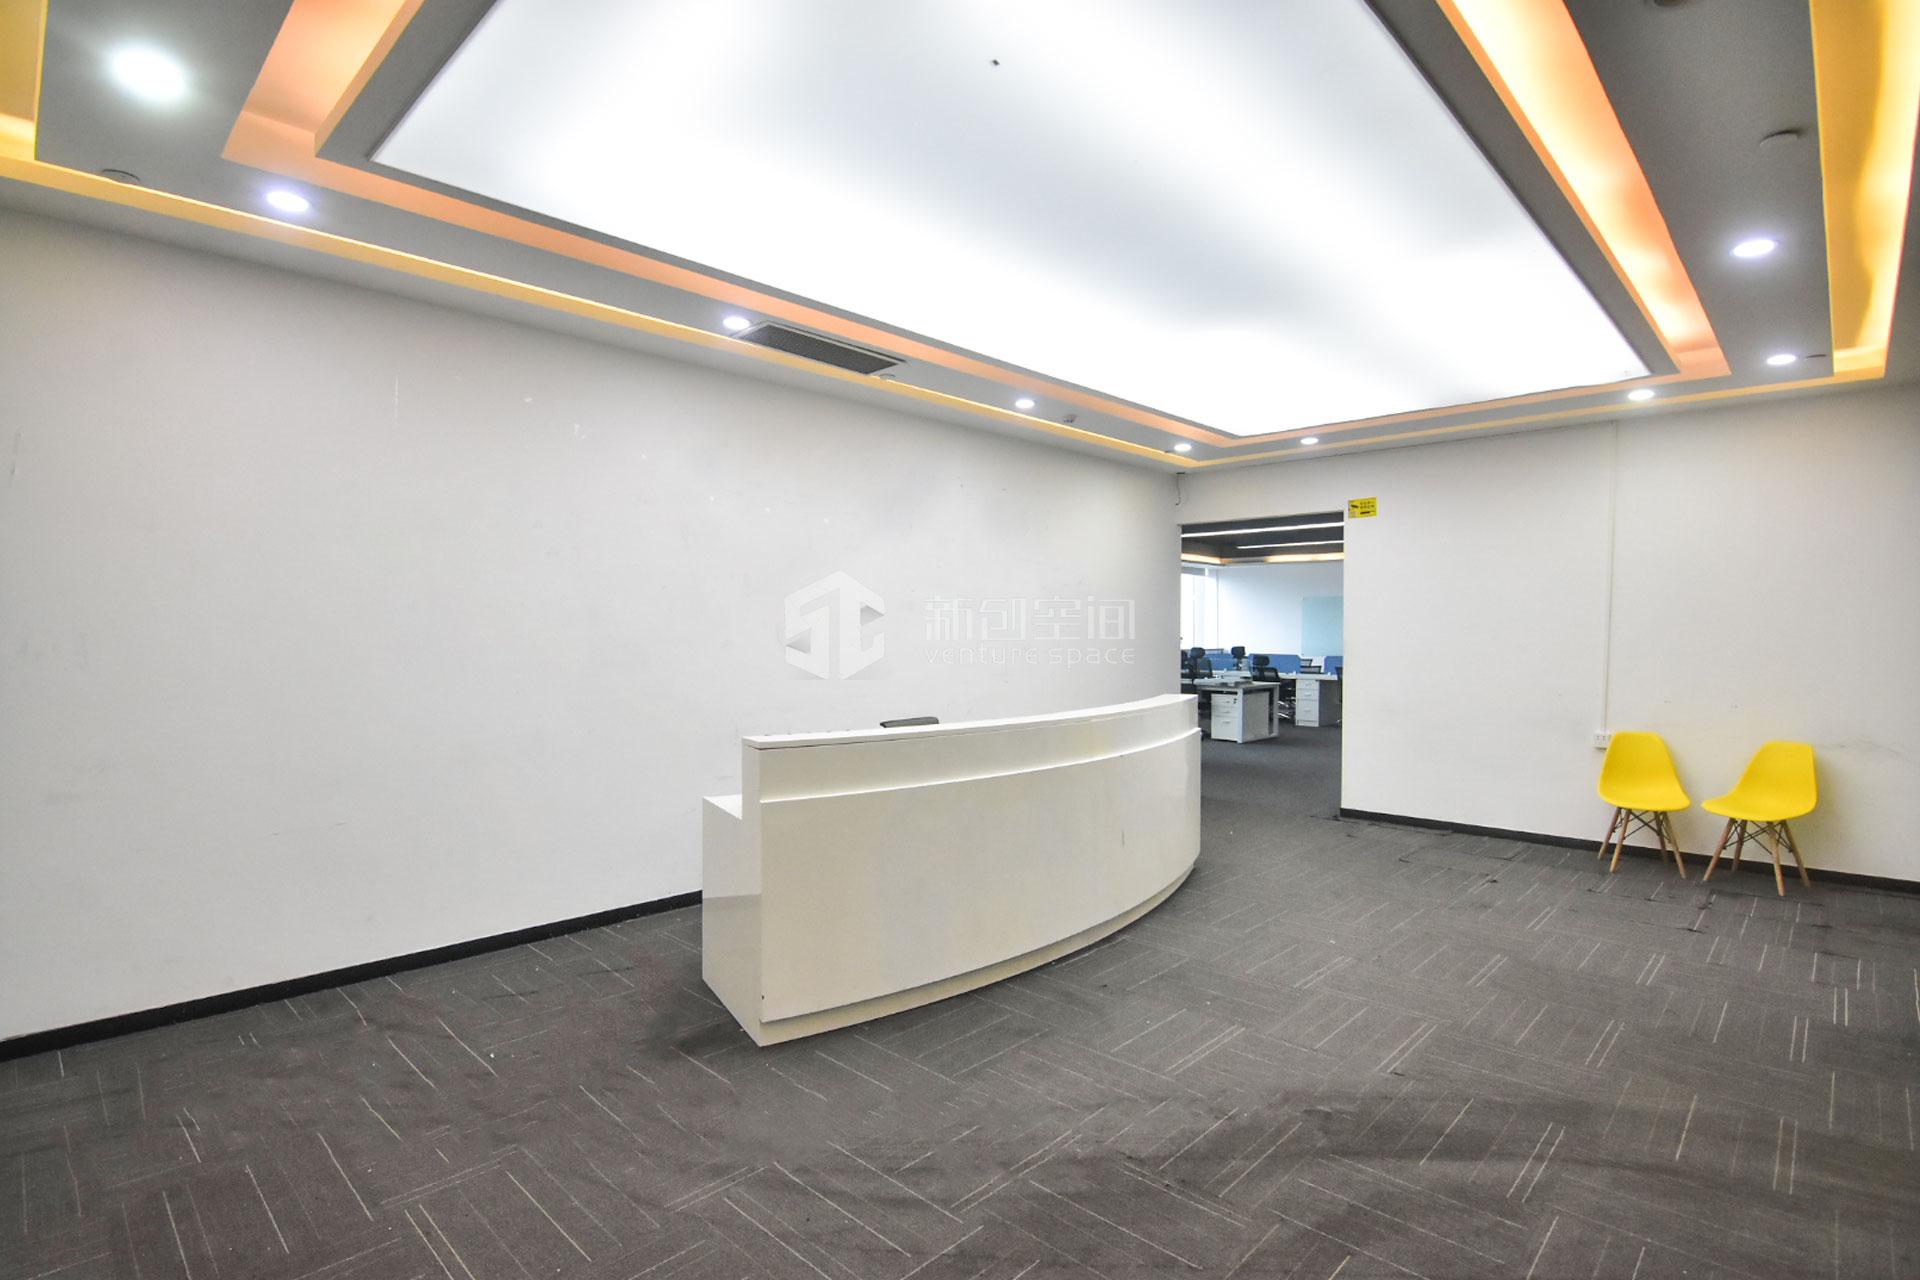 阳光科创中心1197㎡精装办公室出租93366元/月